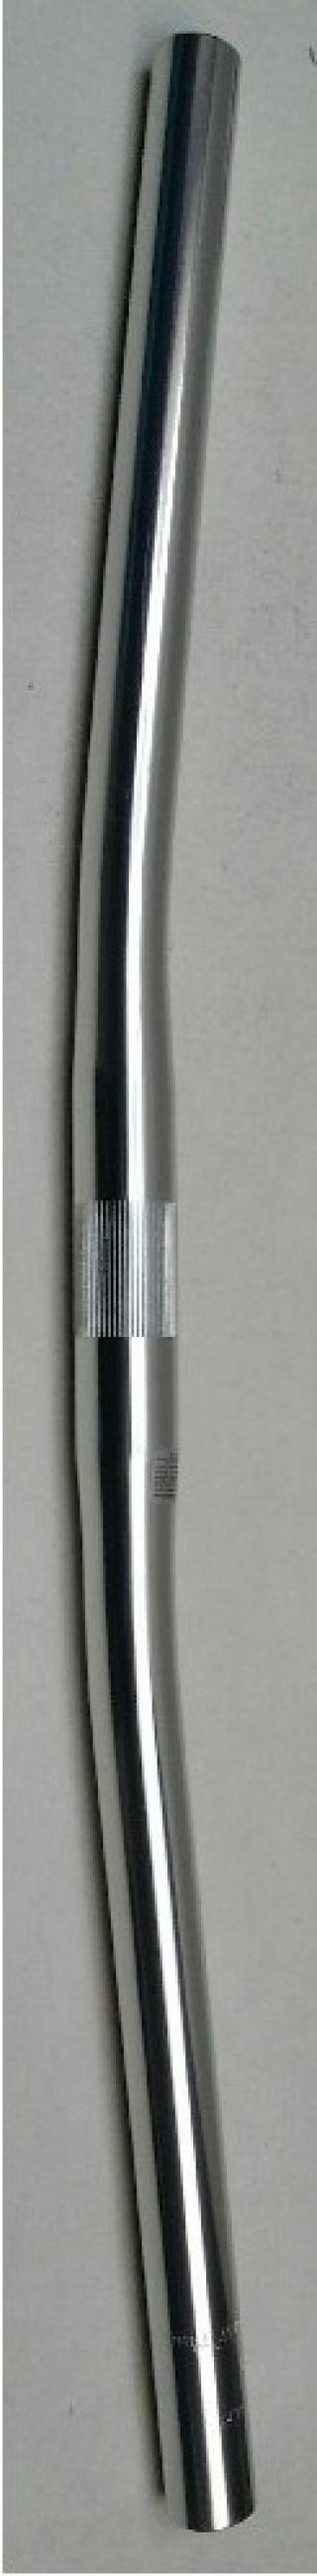 Zoom řidítka AL 110PP 25,4/600mm/6 st.rovná stř.le